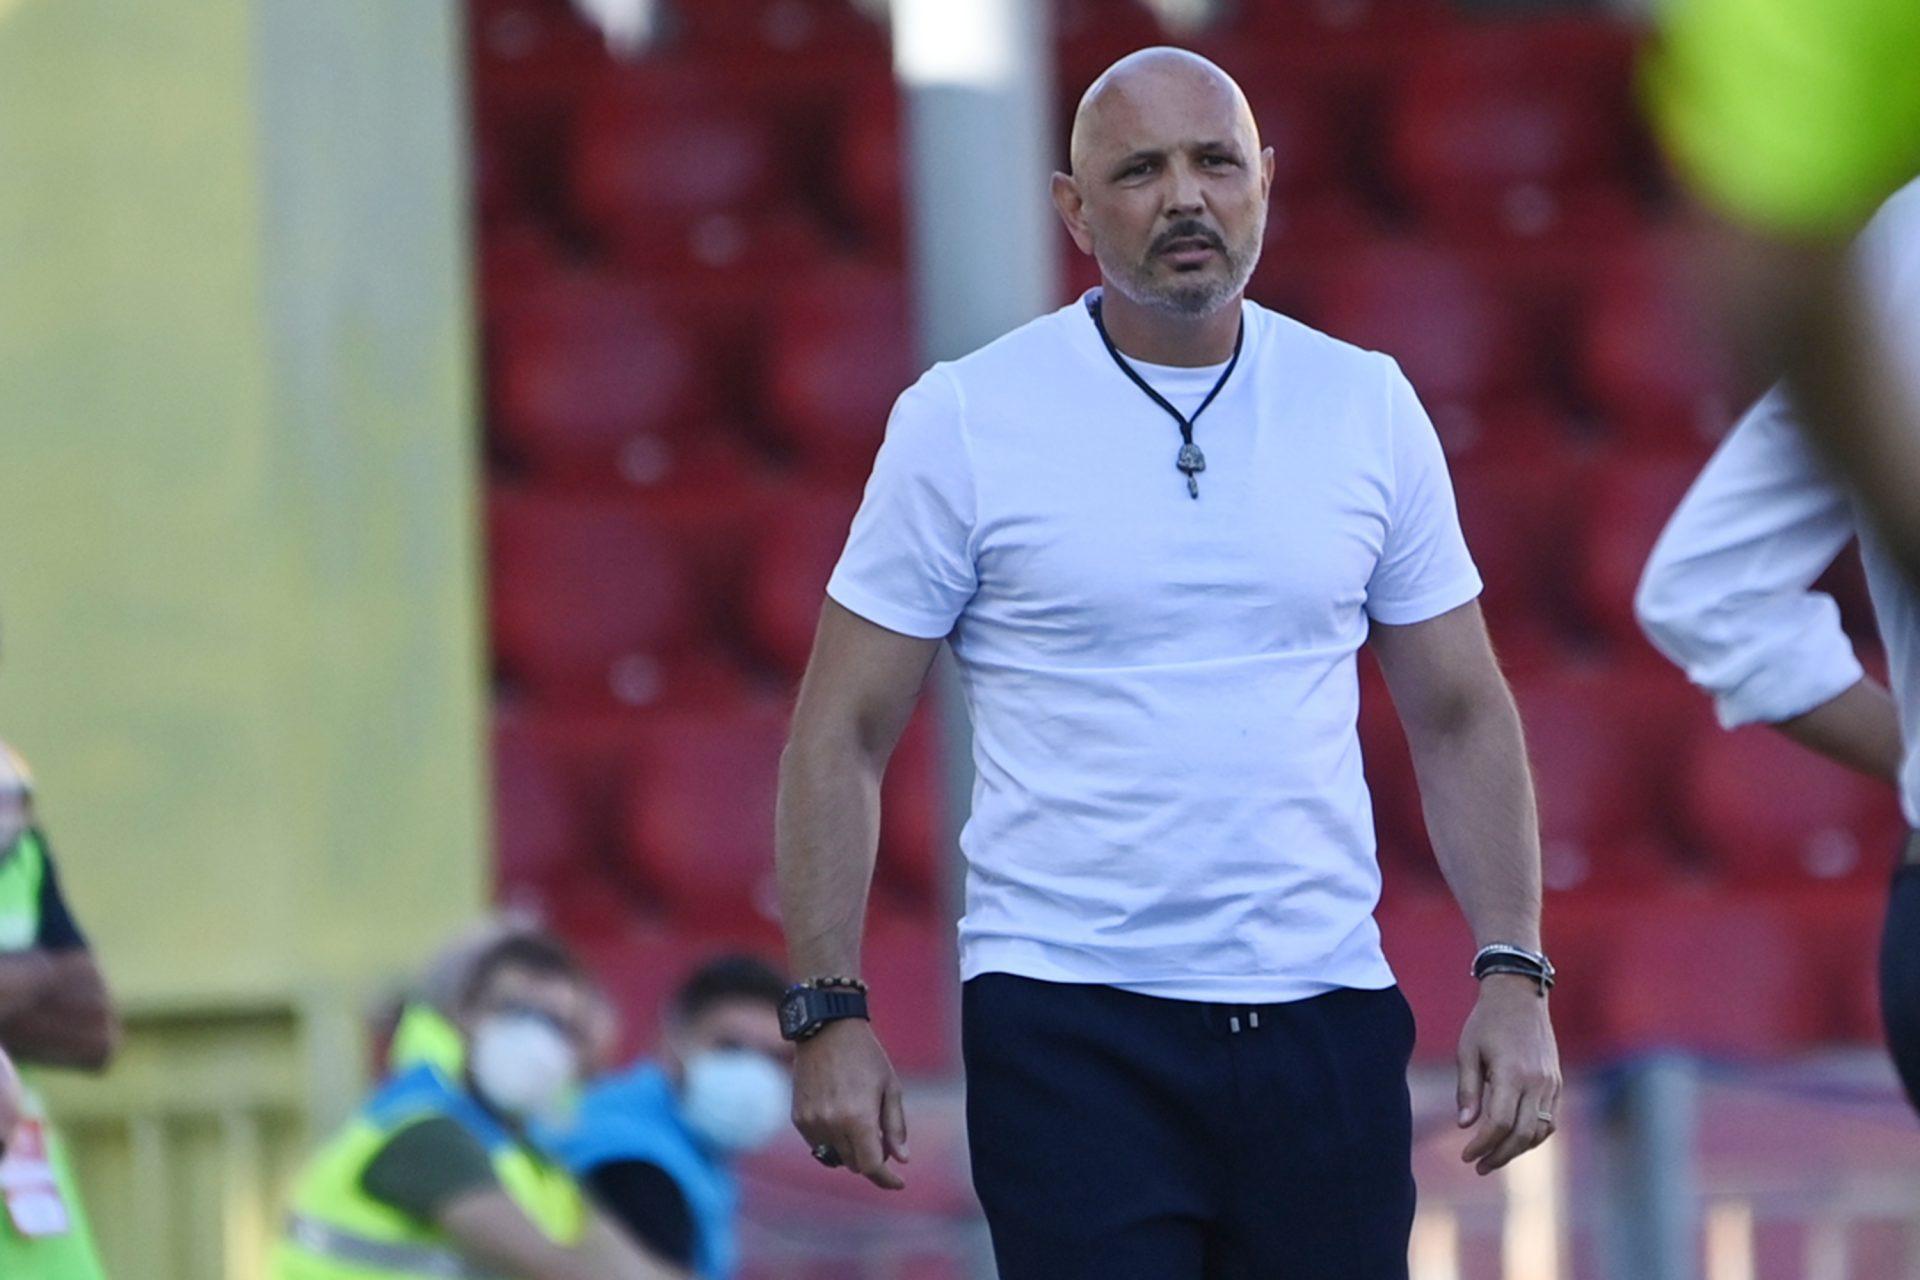 Sconfitta amara per il Bologna: il Benevento vince per 1-0. Le parole di Mihajlovic nel post partita